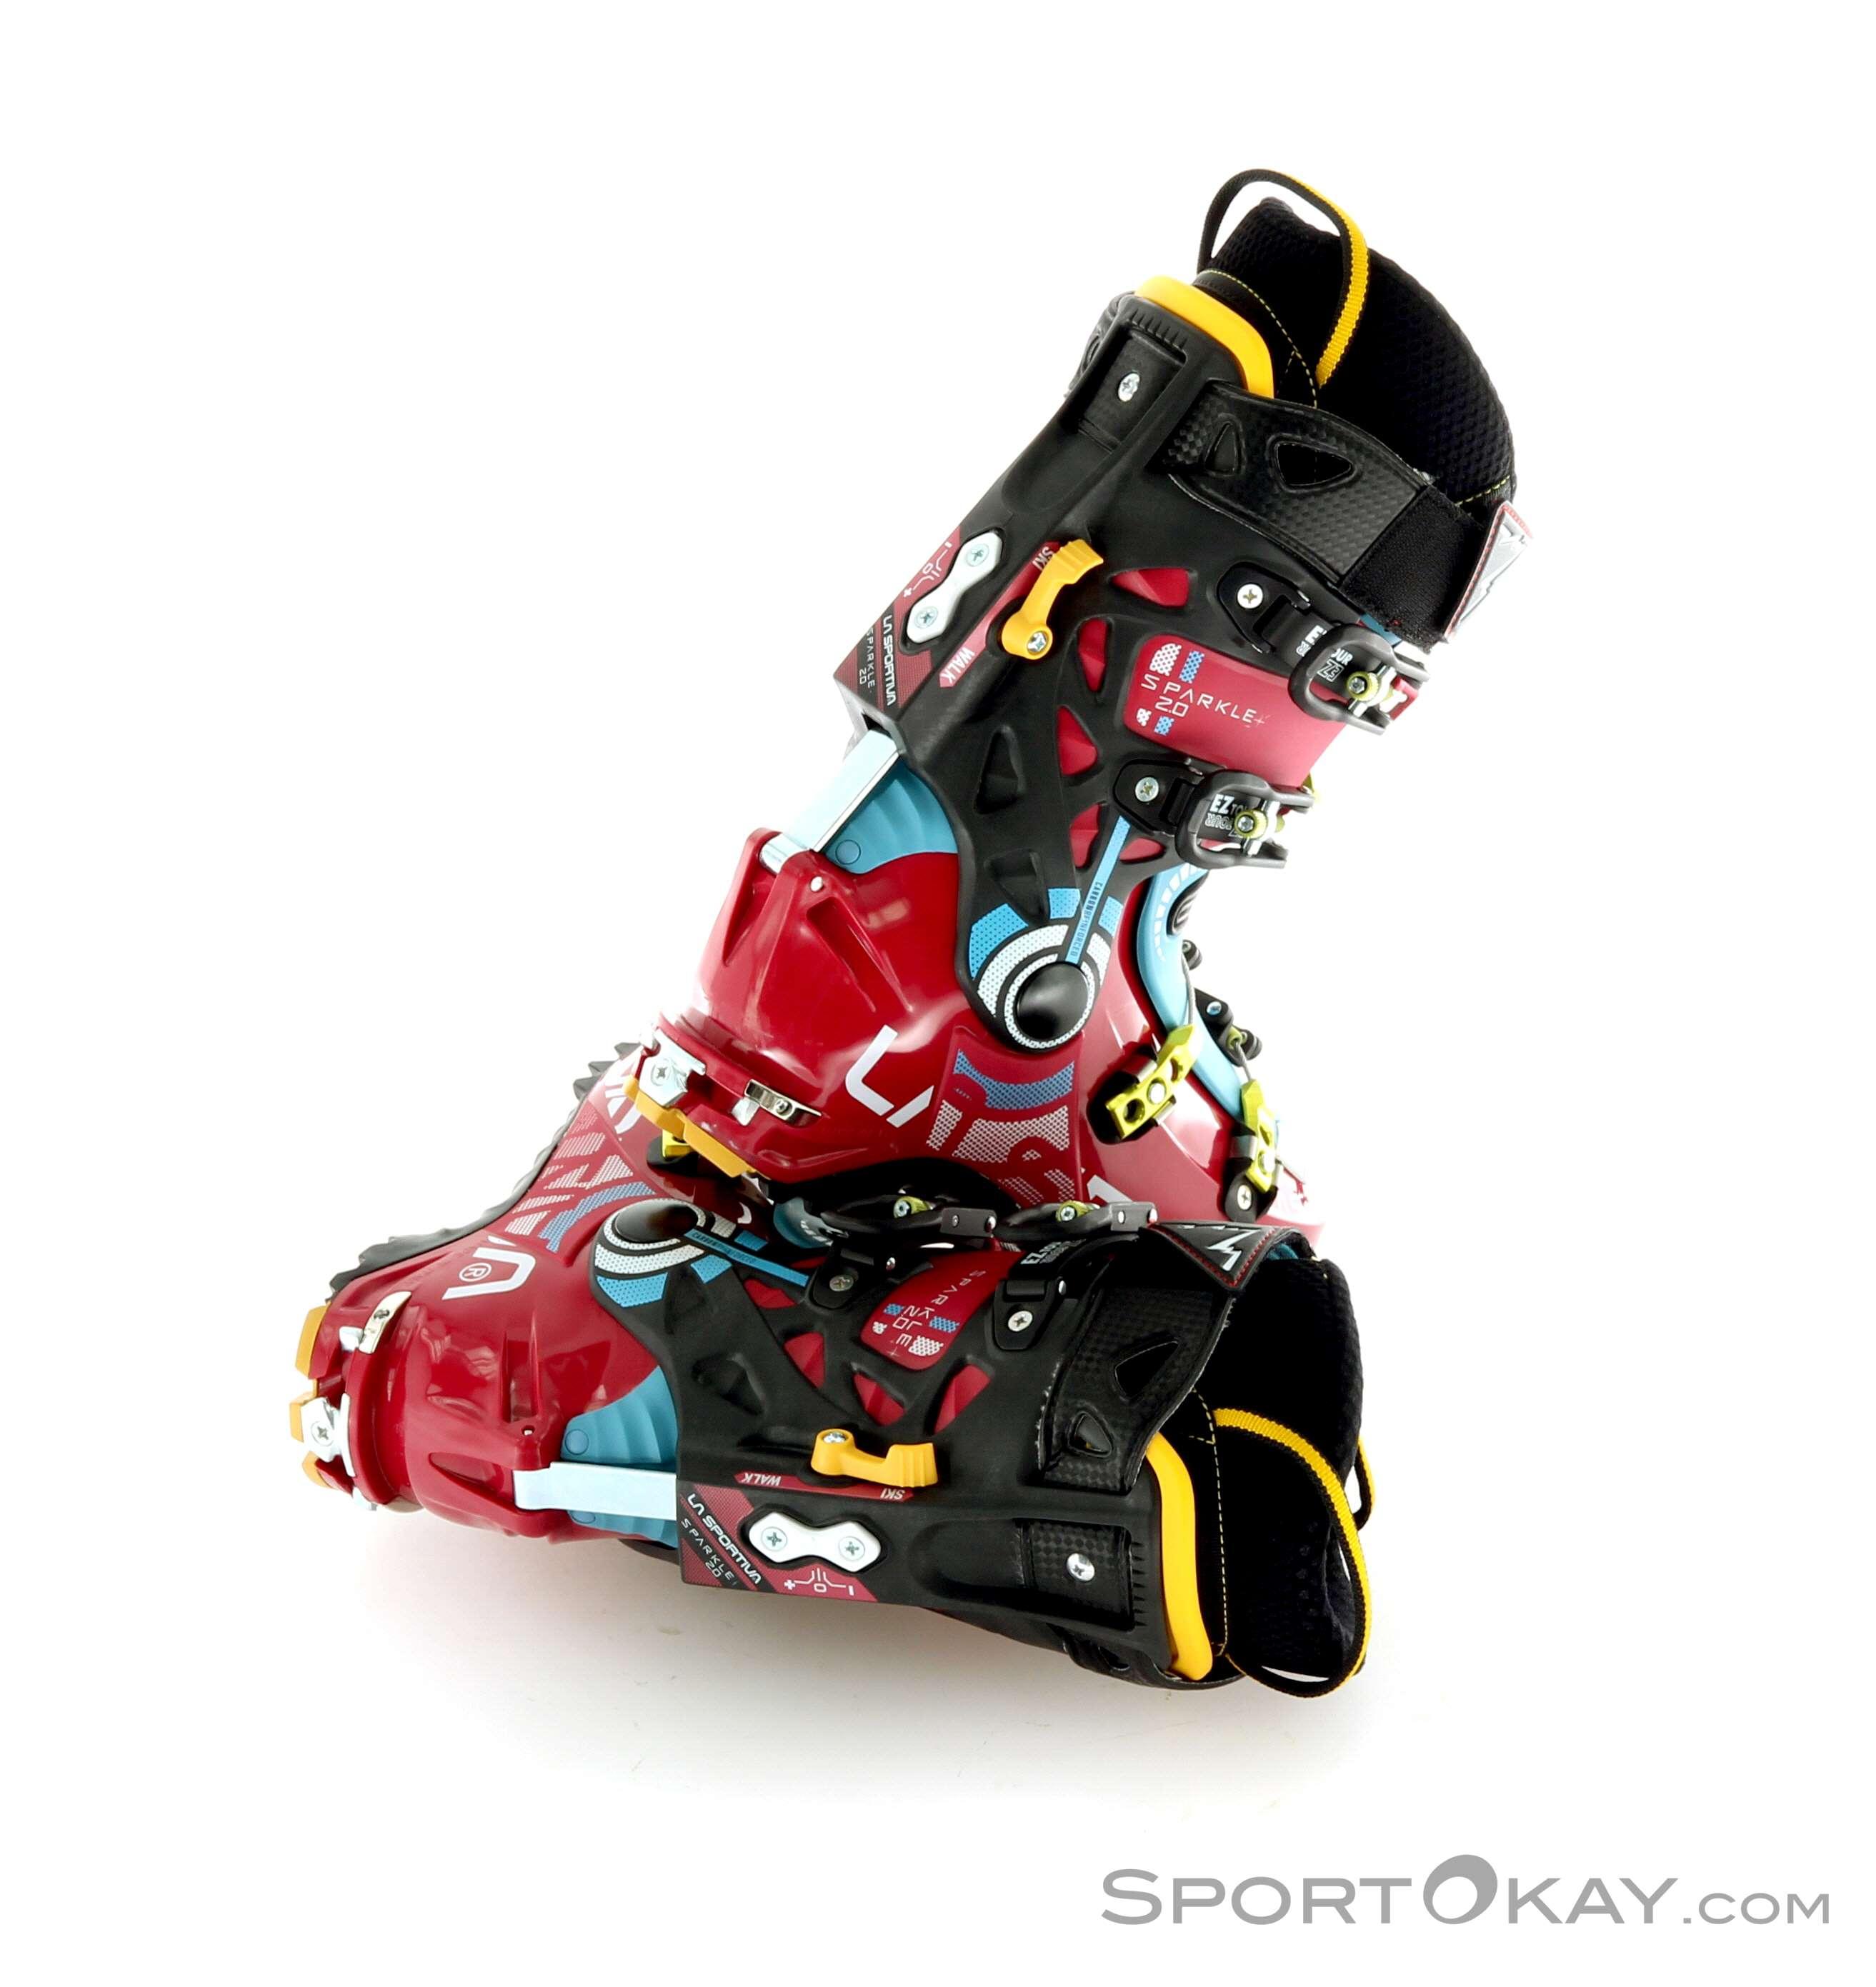 La Sportiva Sparkle 2.0 Womens Ski Touring Boots - Ski Touring Boots ... 5ebb48c851e